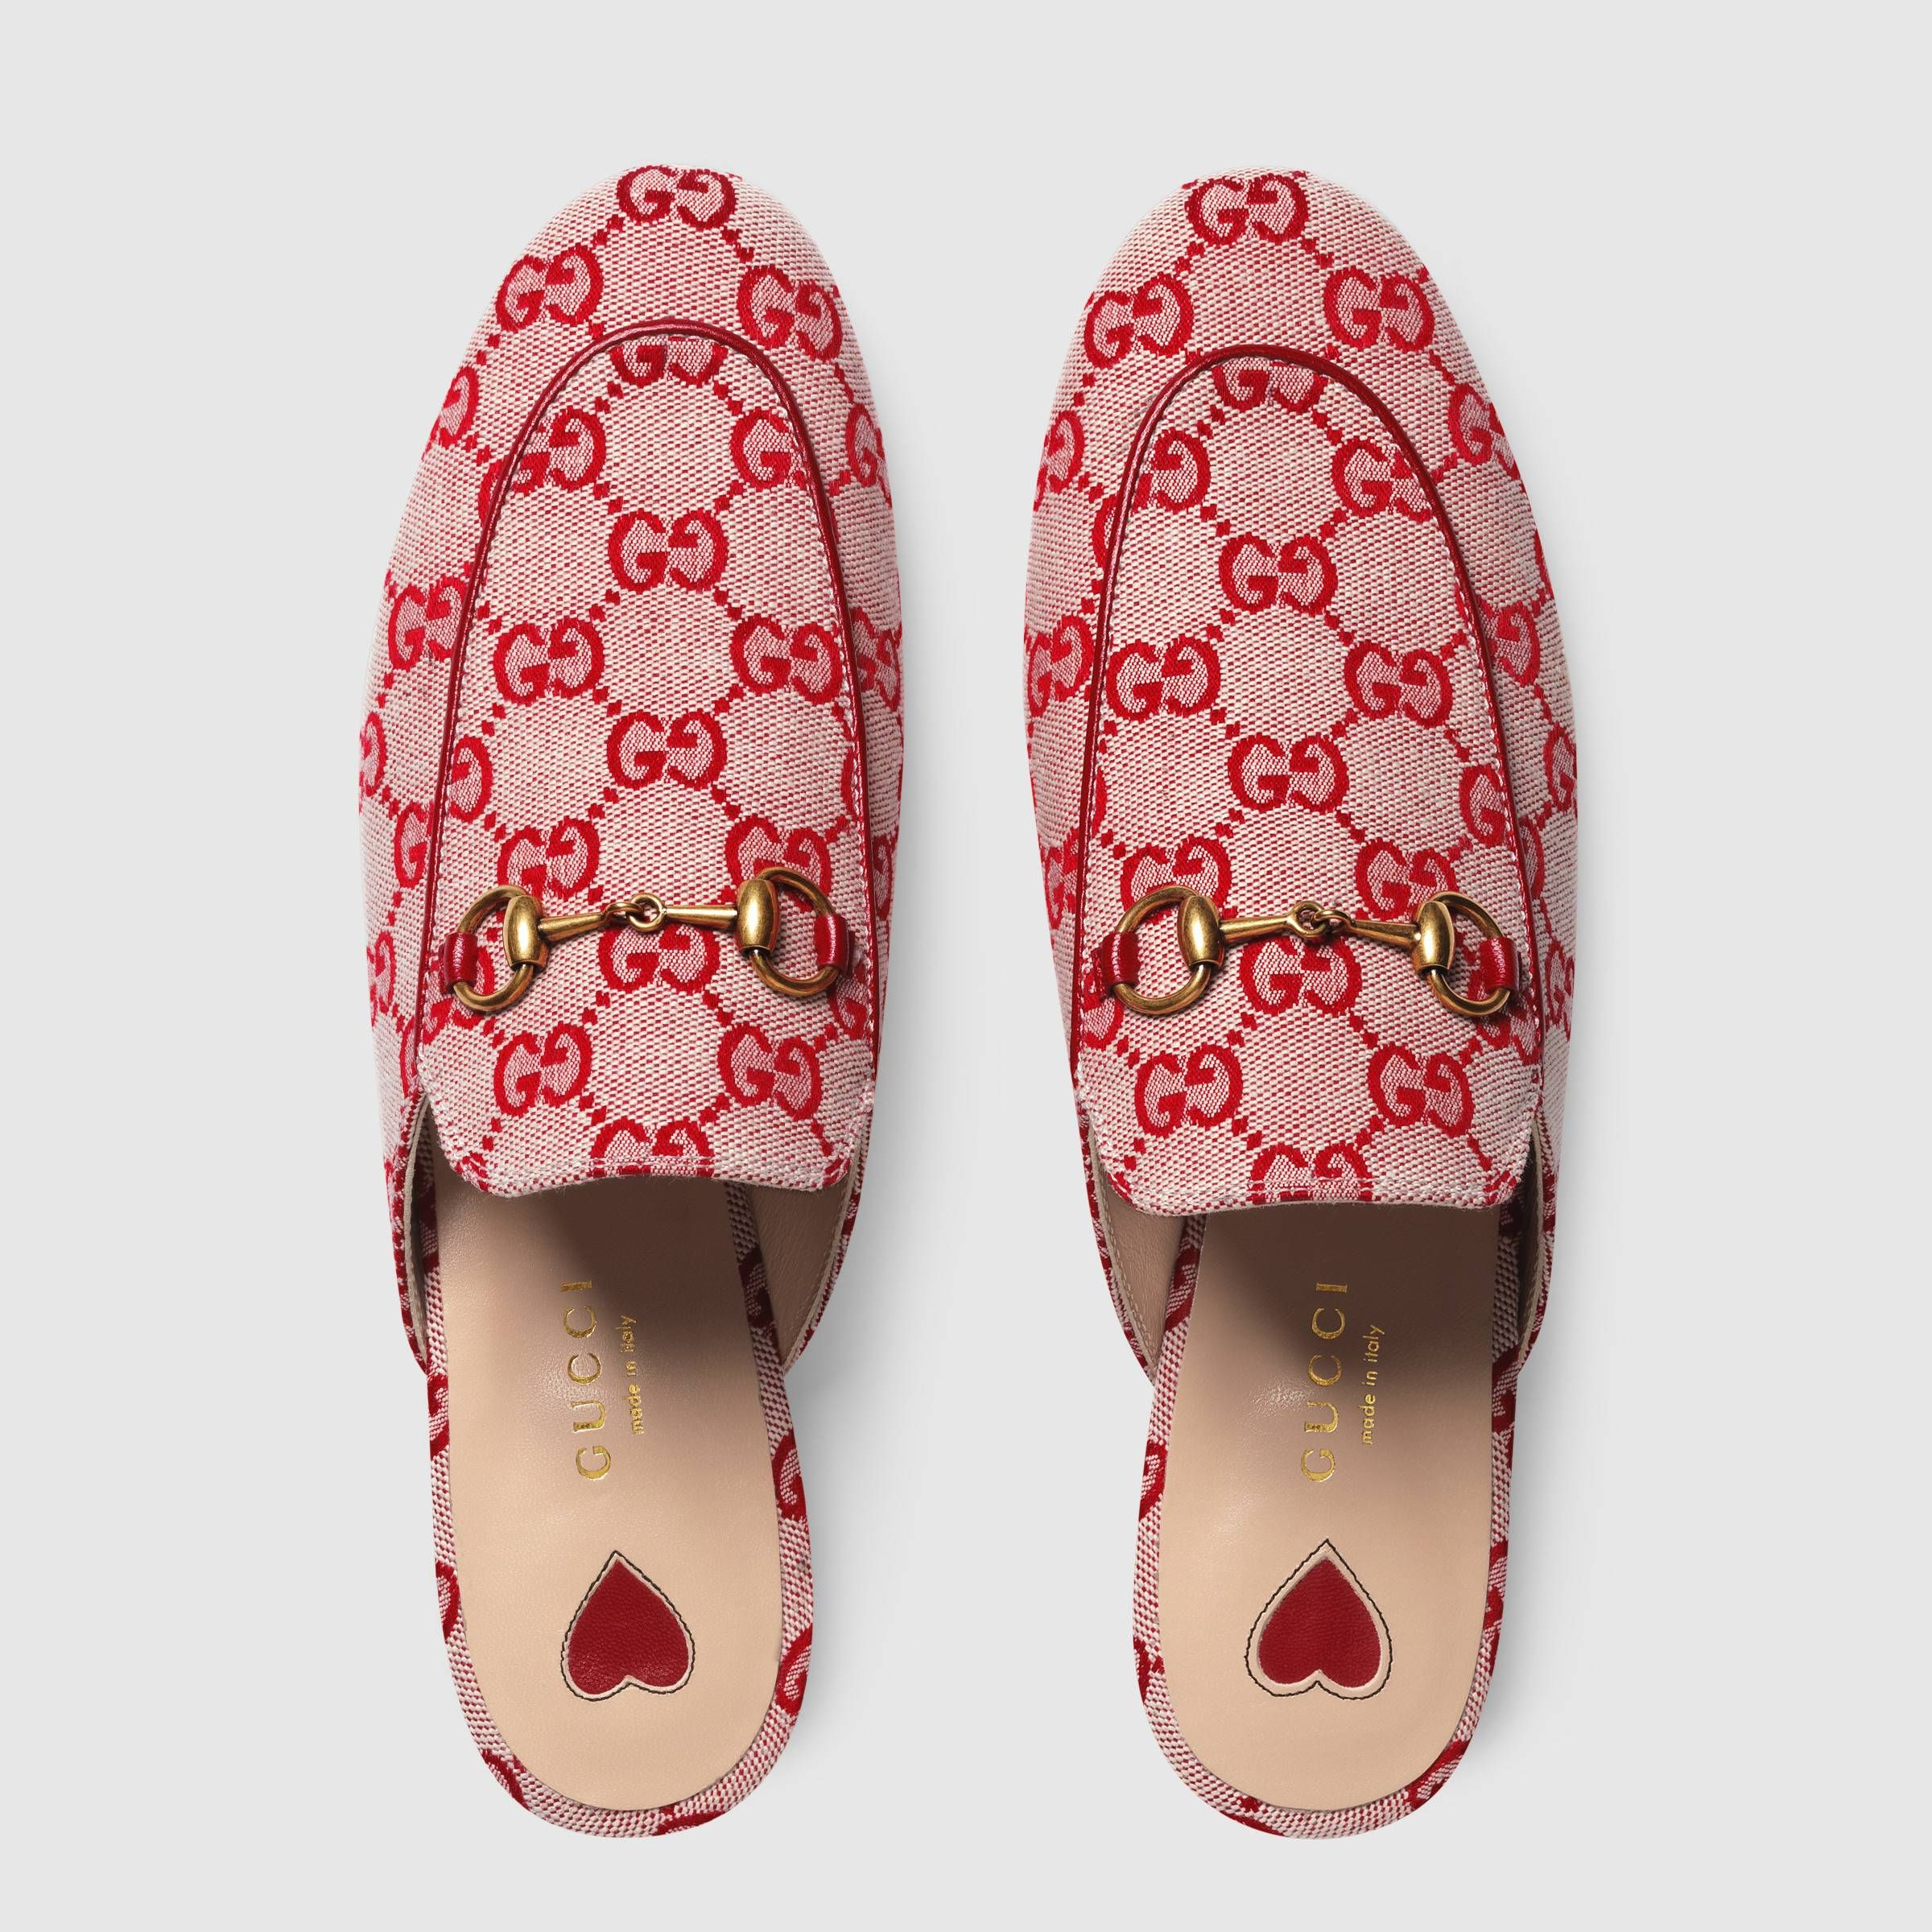 Princetown GG canvas slipper - Gucci